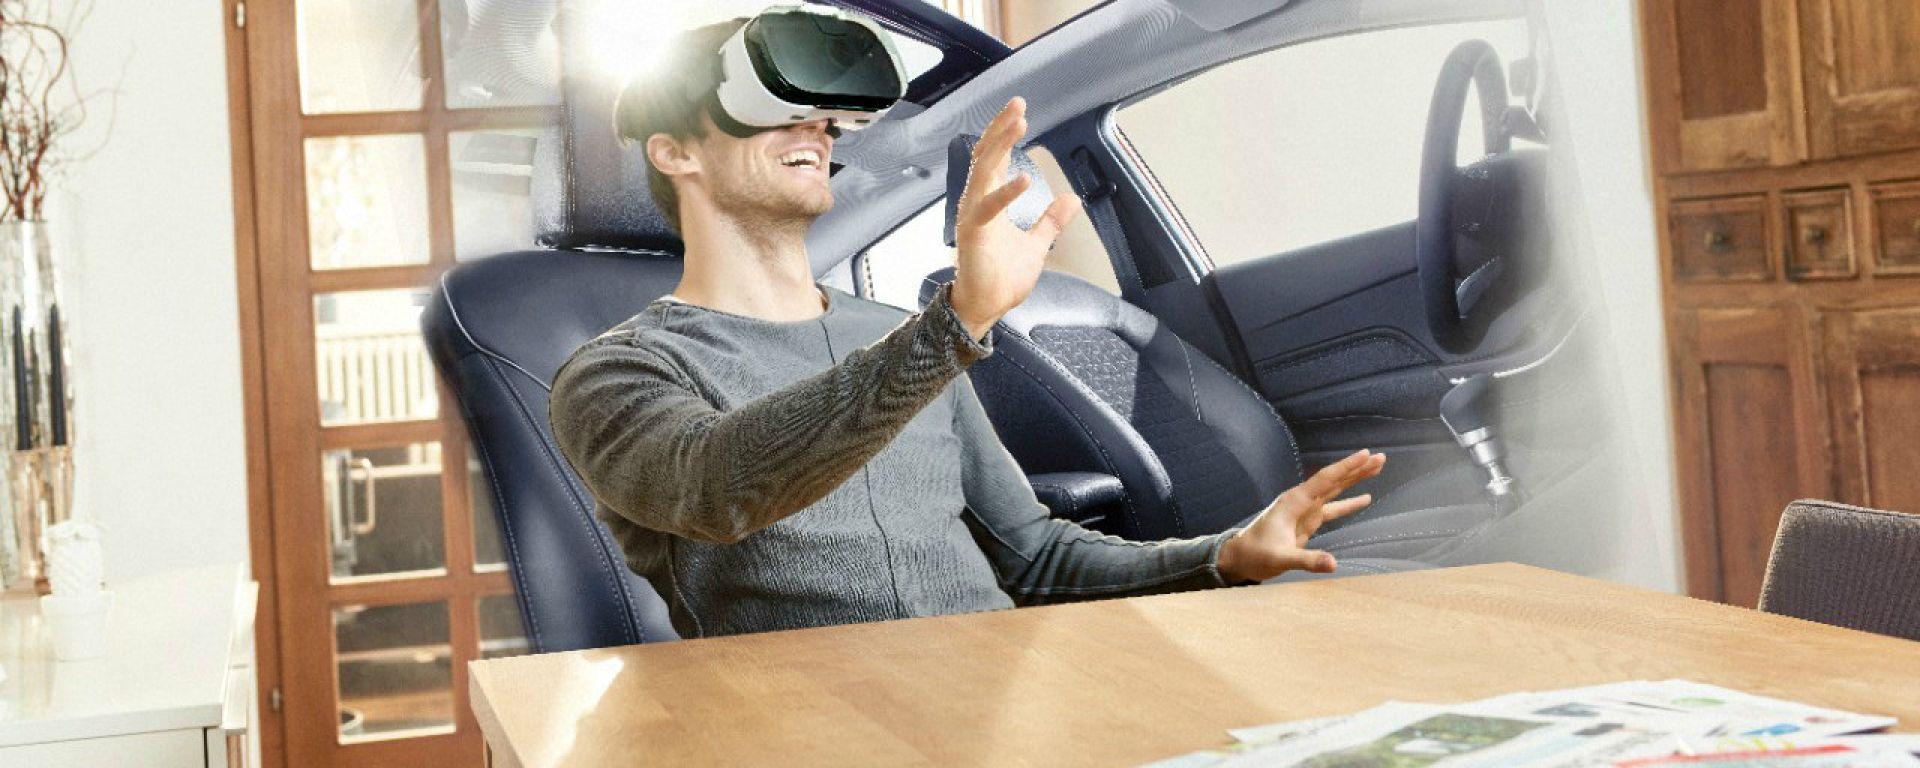 Test drive virtuali: sono la nuova frontiera?